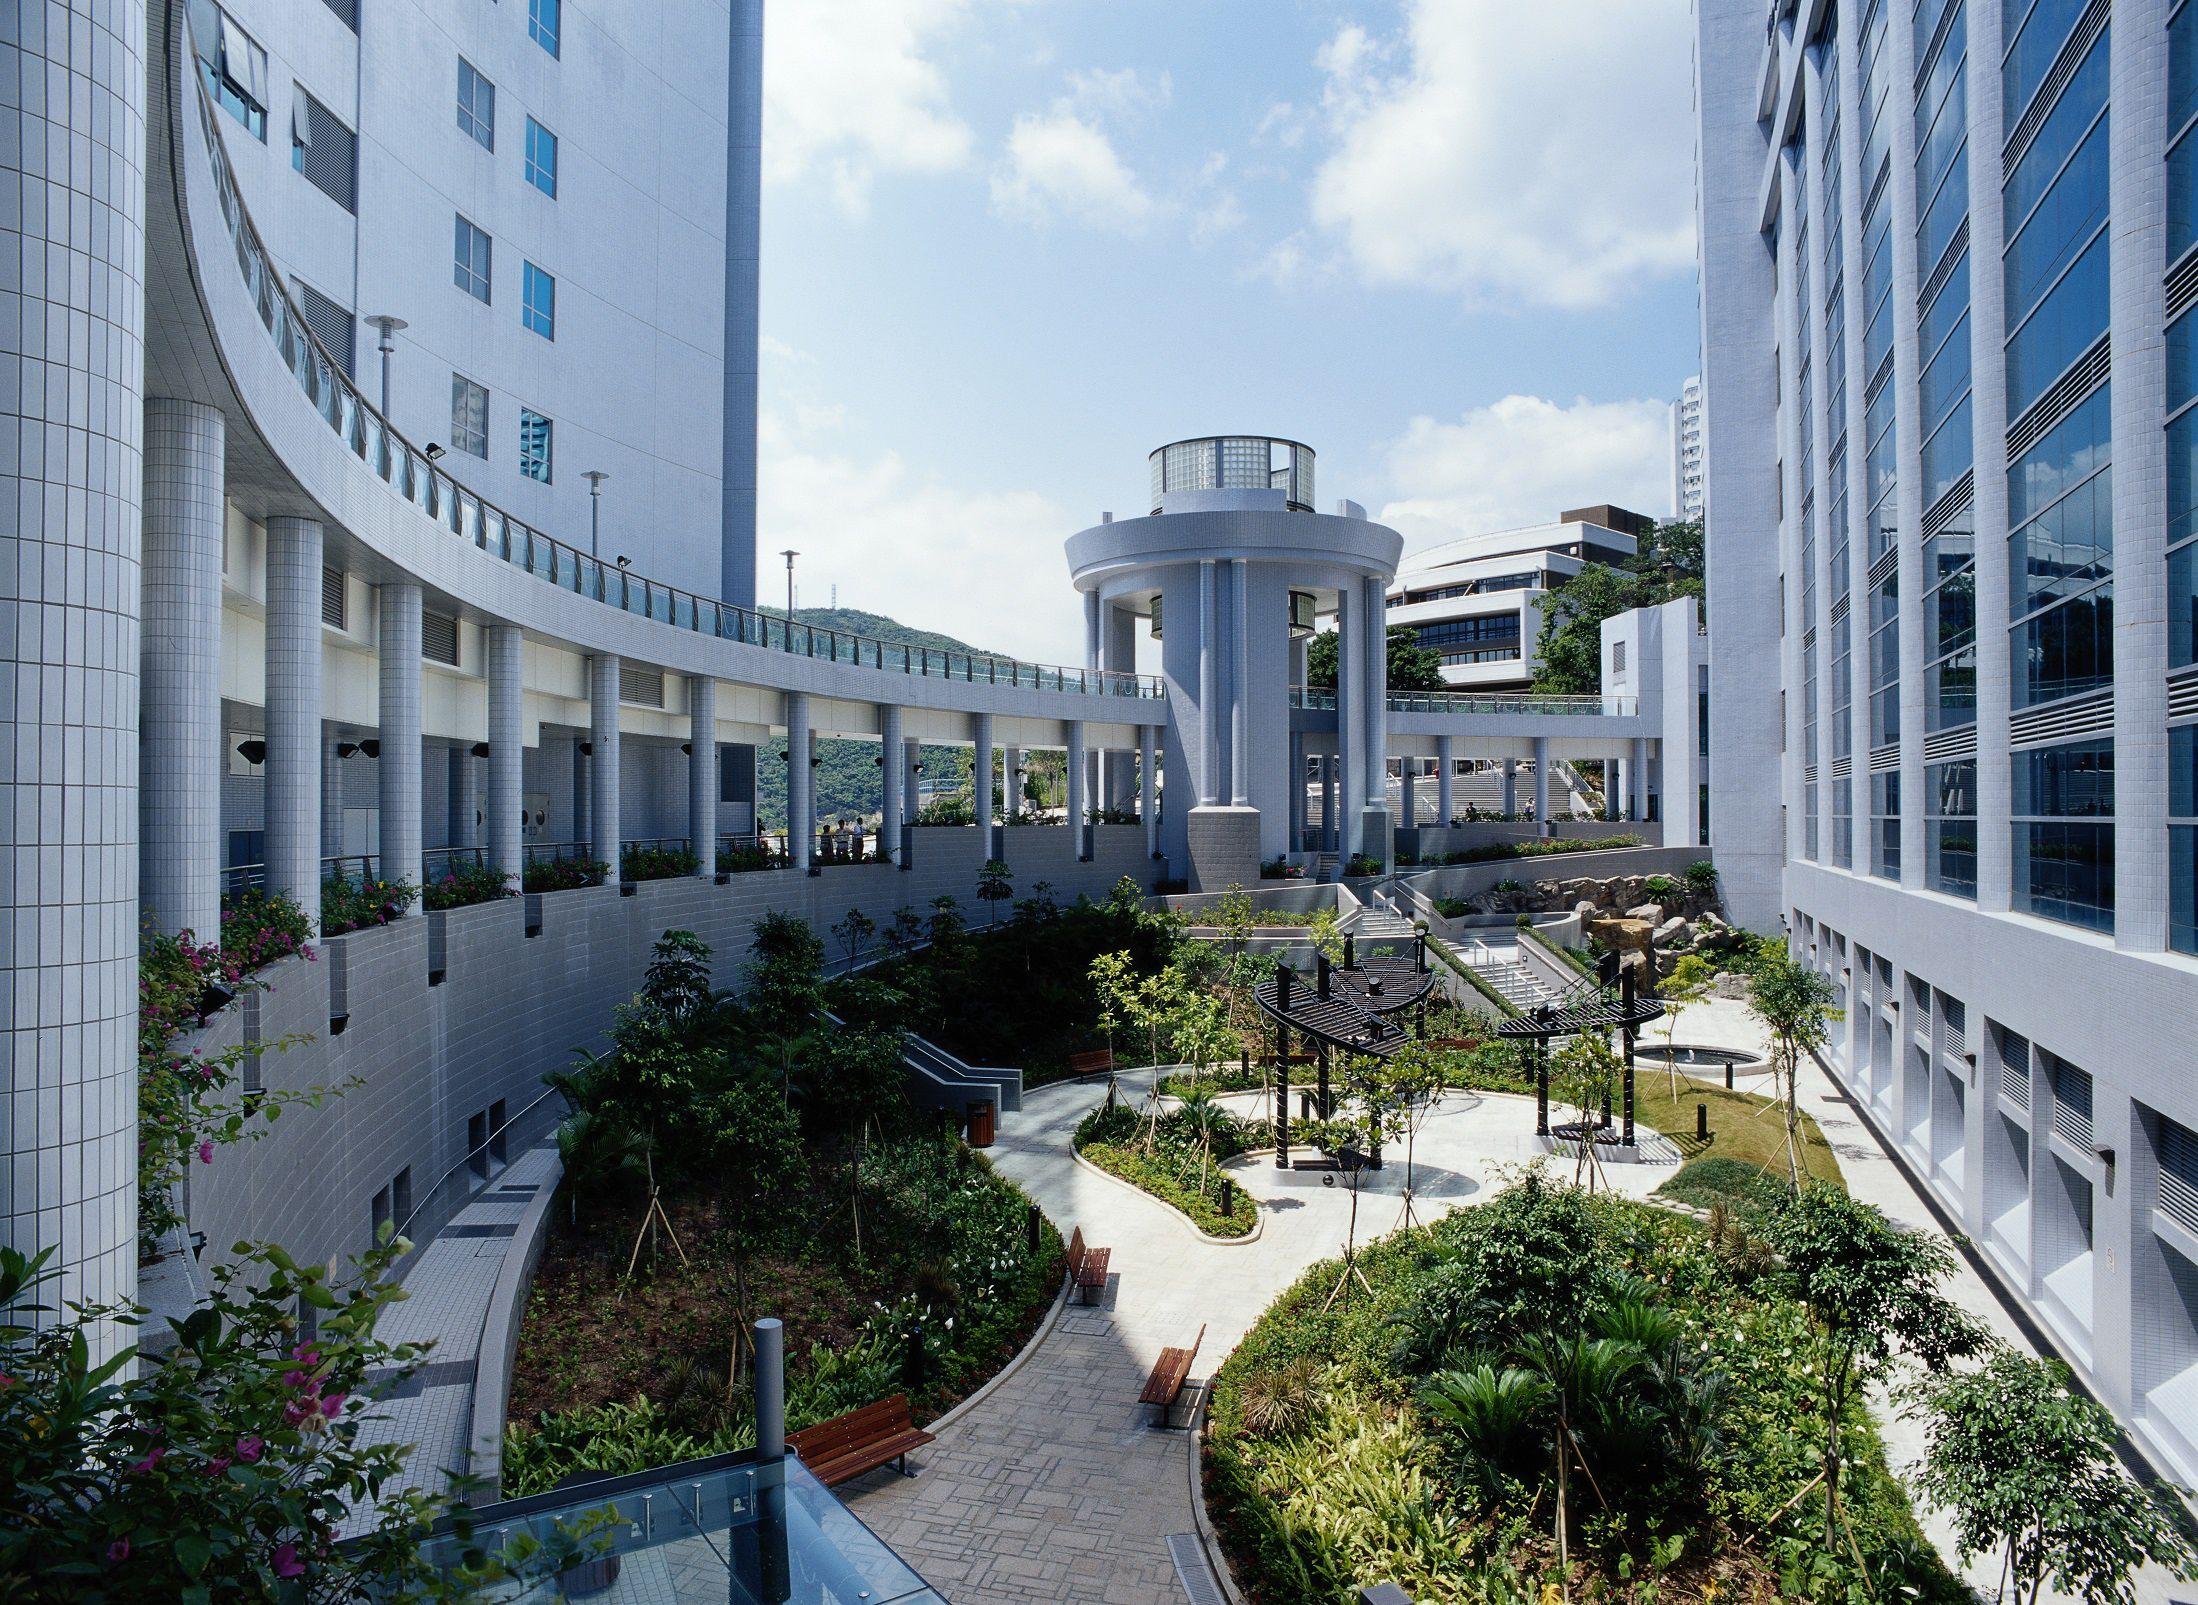 HKU 港大 – 大英帝國在東亞成立的唯一優秀大學